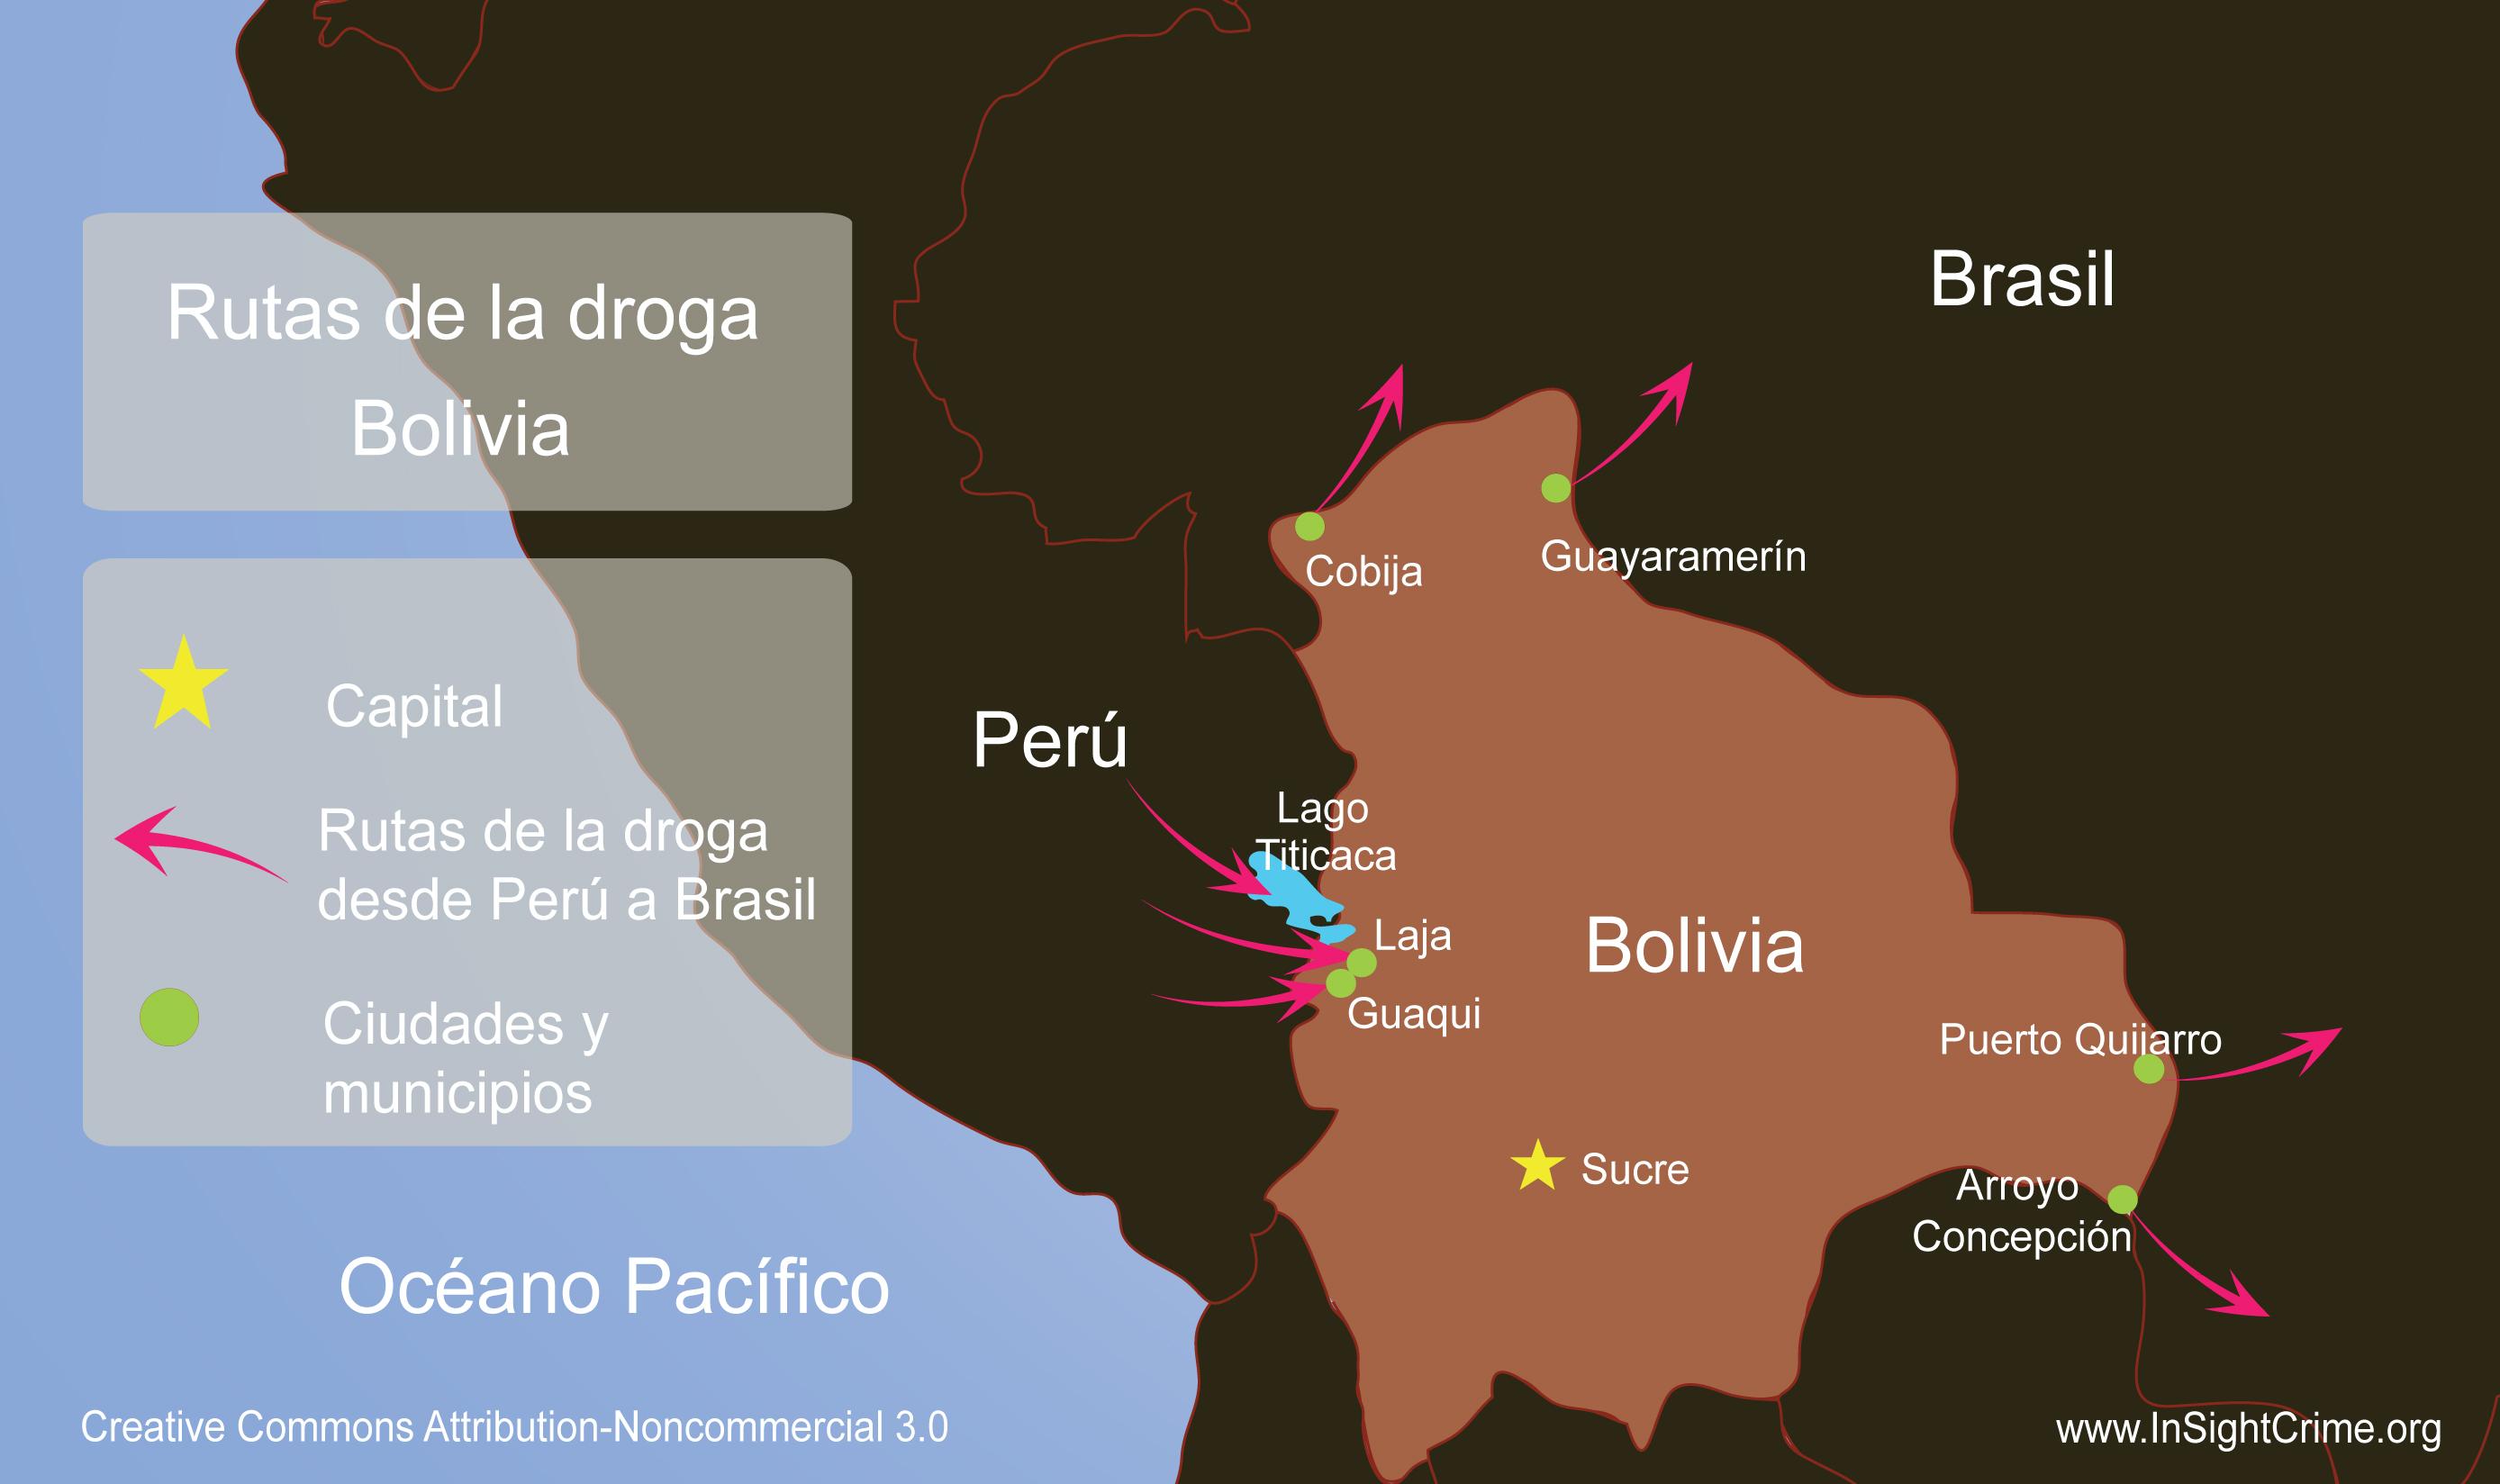 Rutas-de-la-droga-Bolivia